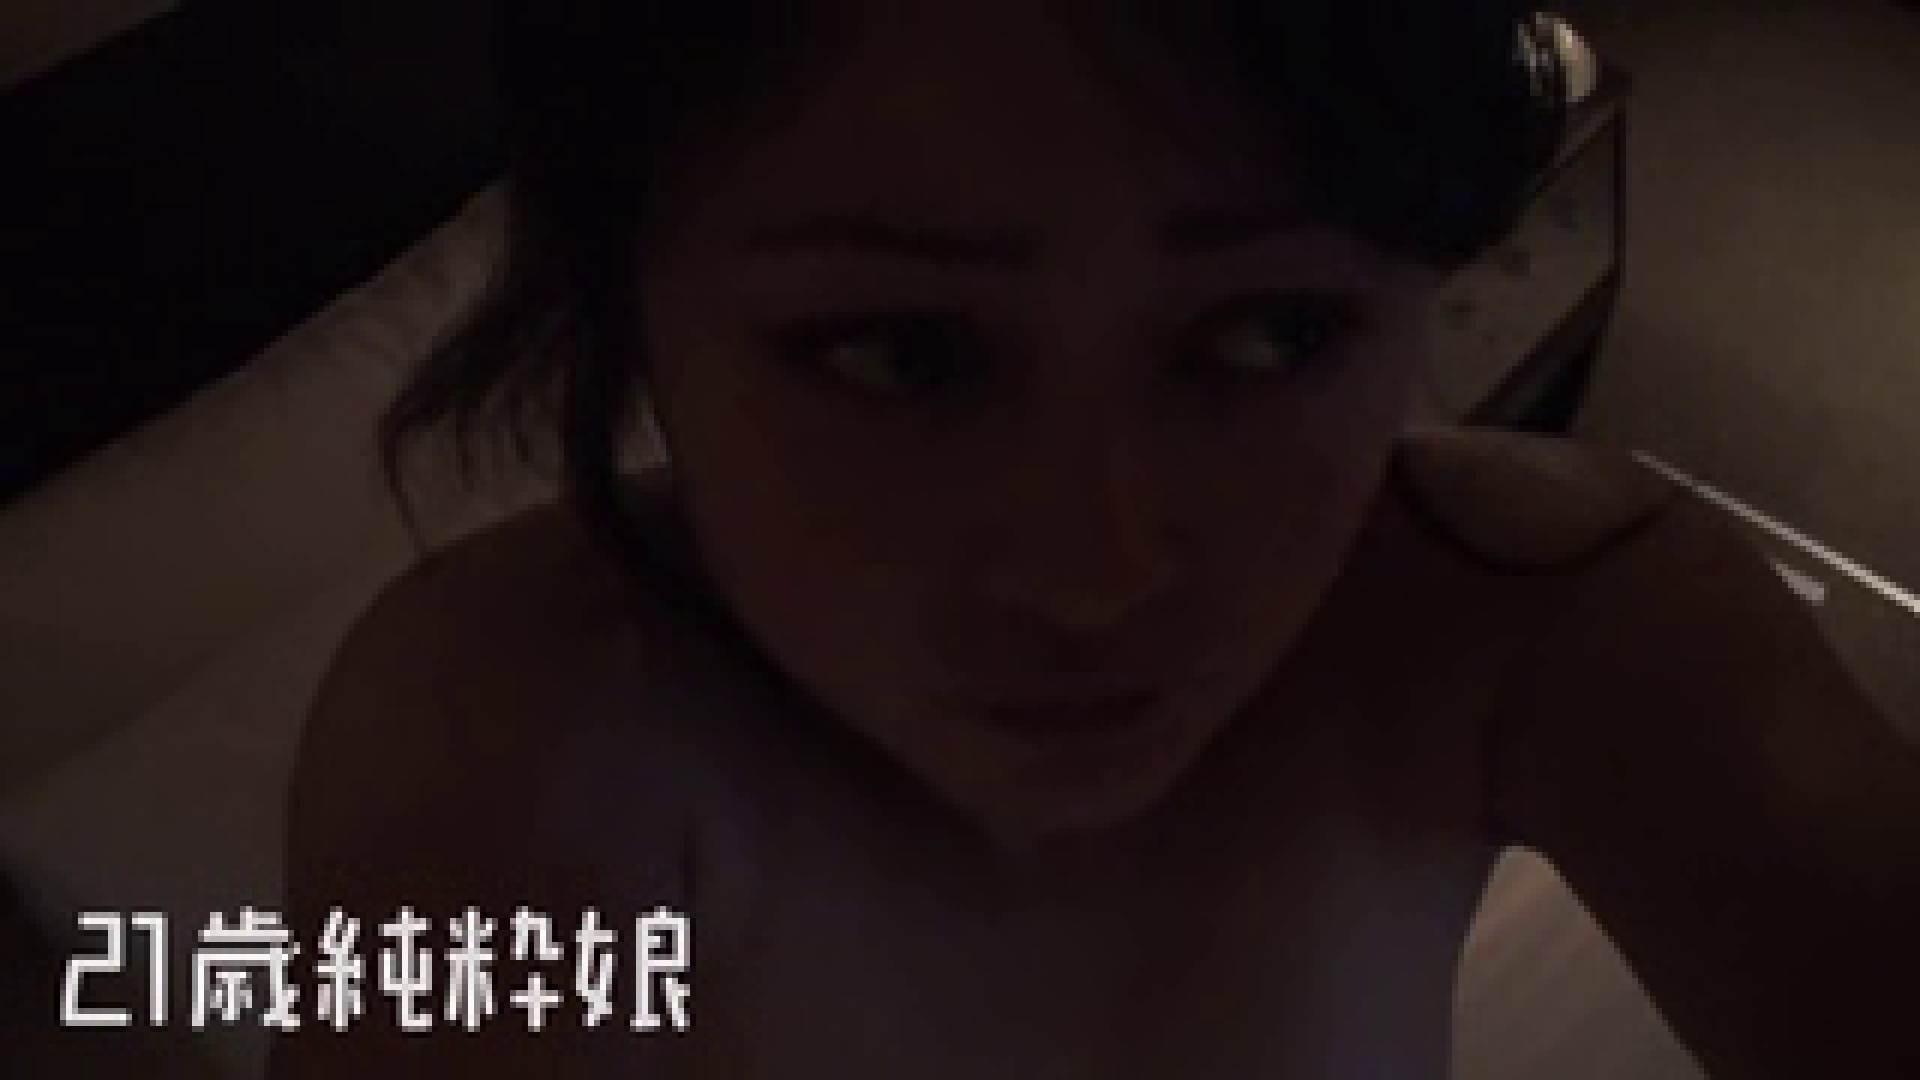 上京したばかりのGカップ21歳純粋嬢を都合の良い女にしてみた4 ホテル | ギャル達のおっぱい  96画像 32